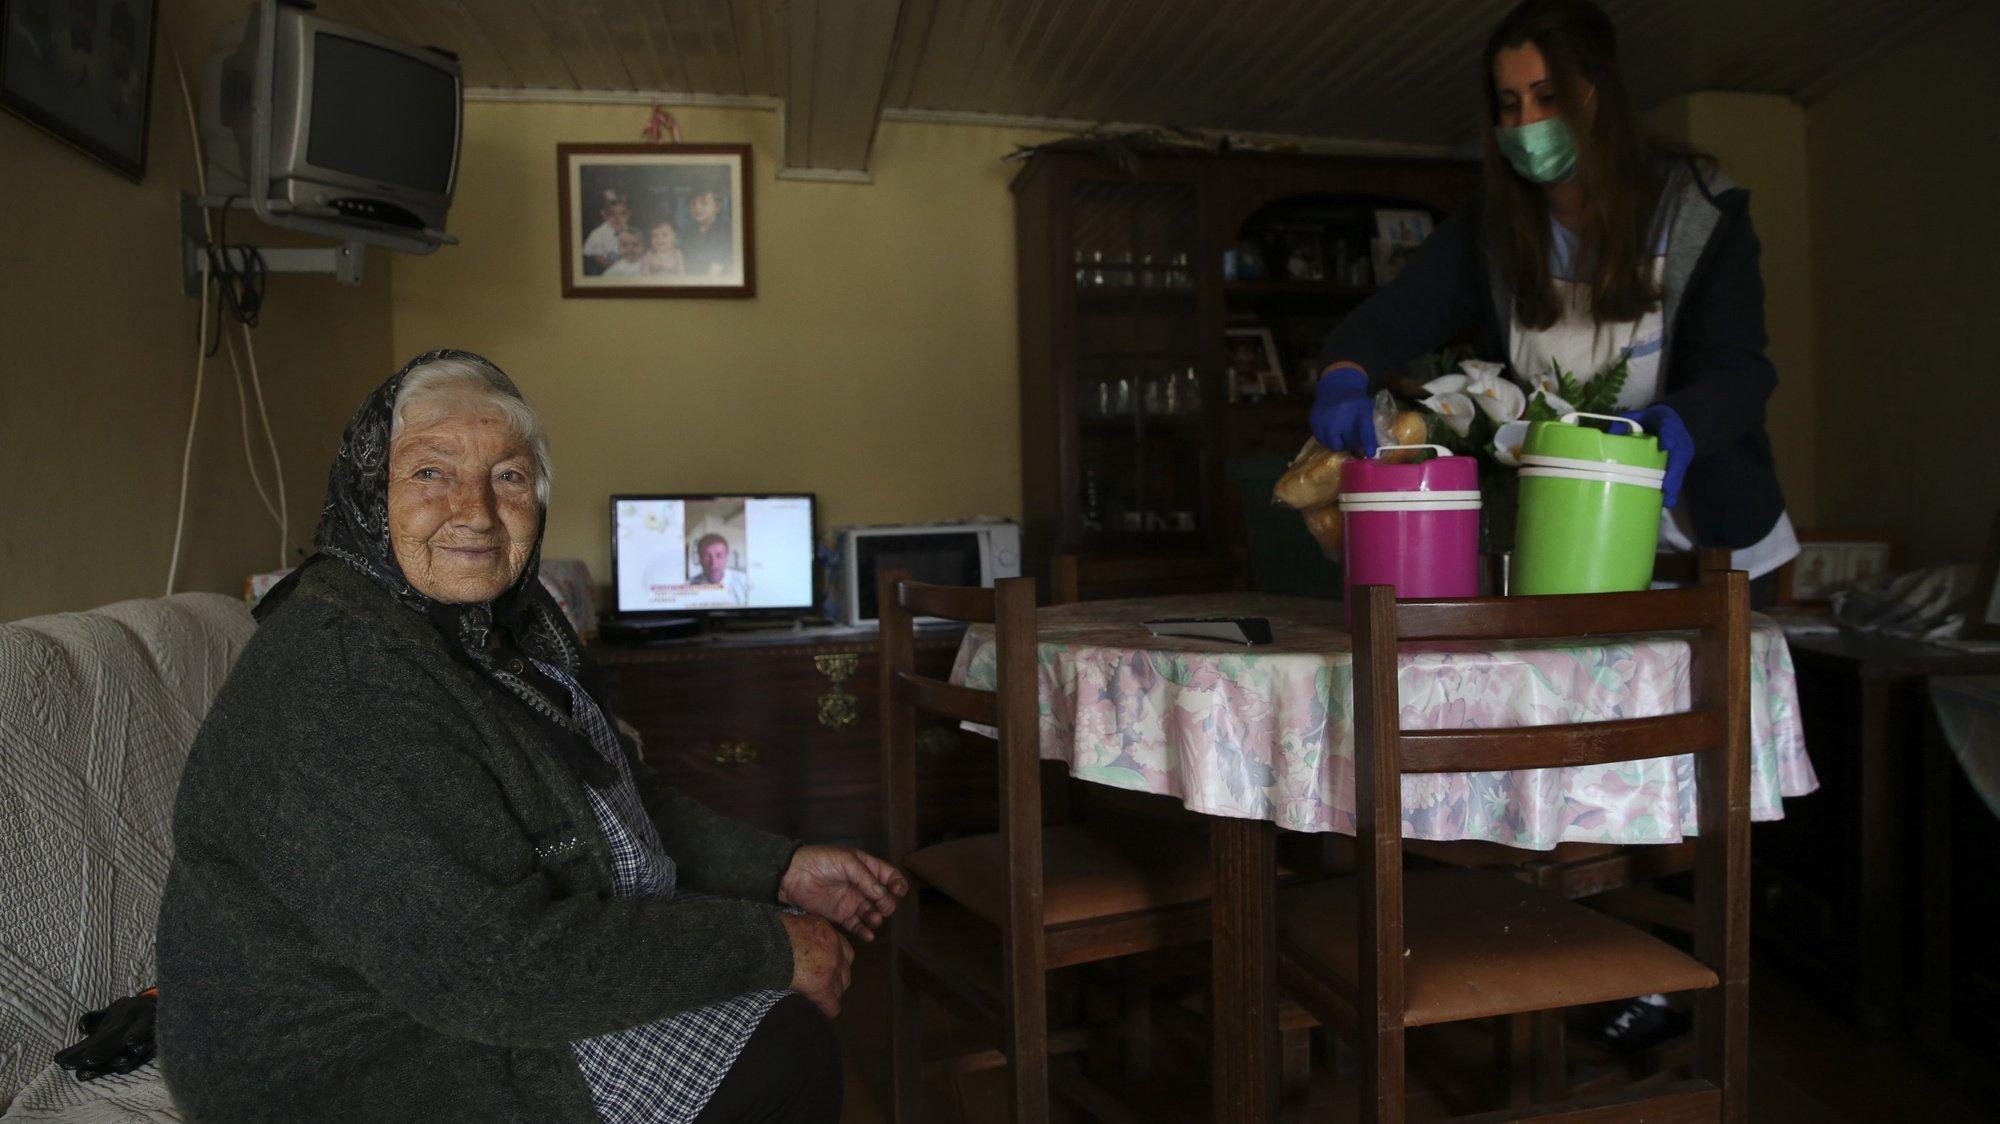 Elementos da Santa Casa da Misericórdia de Castro Daire prestam apoio diário ao domicilio às pessoas mais debilitadas e isoladas, na maioria idosos e com carências sociais, em Castro Daire, 19 de março de 2020. A Direção-Geral da Saúde (DGS) elevou hoje o número de casos confirmados de infeção para 785, mais 143 do que na quarta-feira. O número de mortos no país subiu para três. NUNO ANDRÉ FERREIRA/LUSA